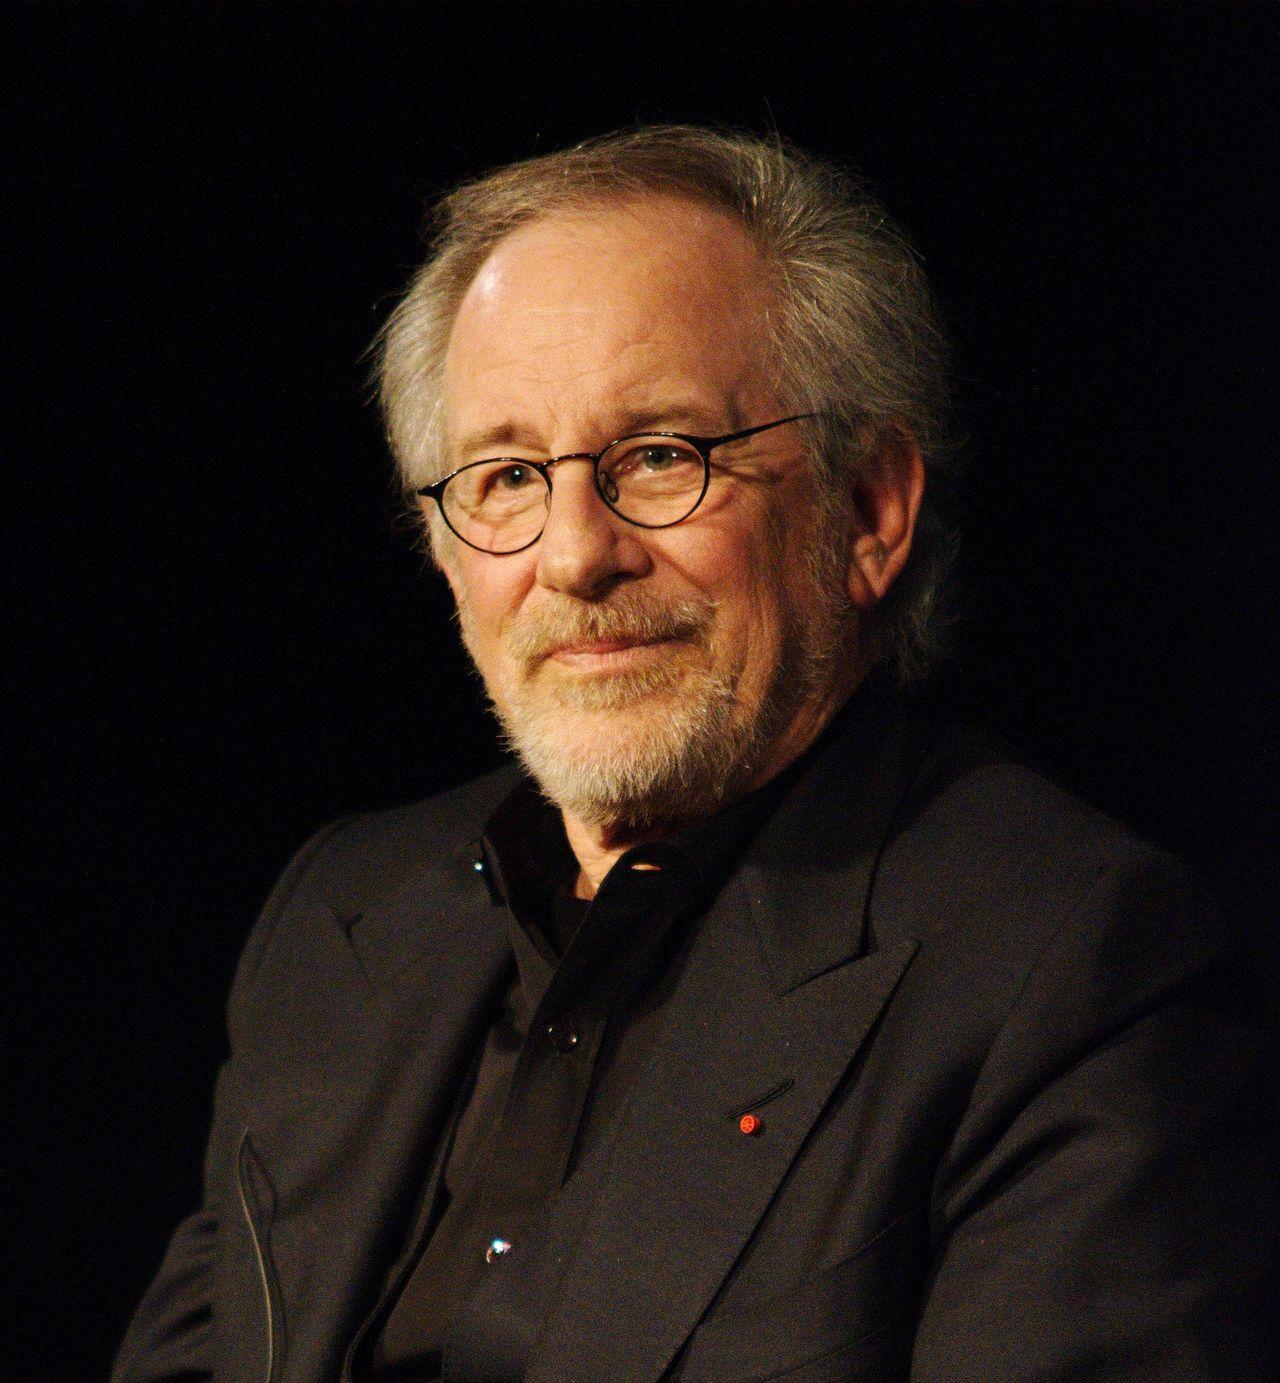 Steven Spielberg börjar samarbeta med Netflix